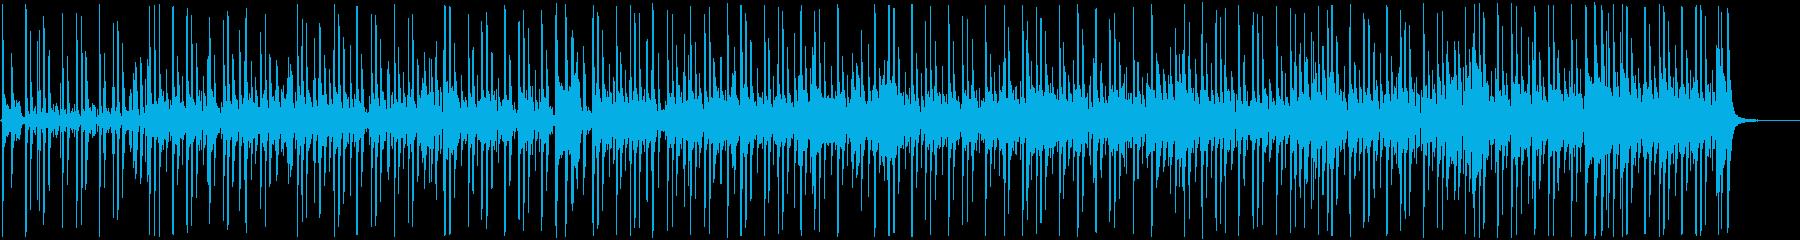 ファンク。落ち着いたの再生済みの波形